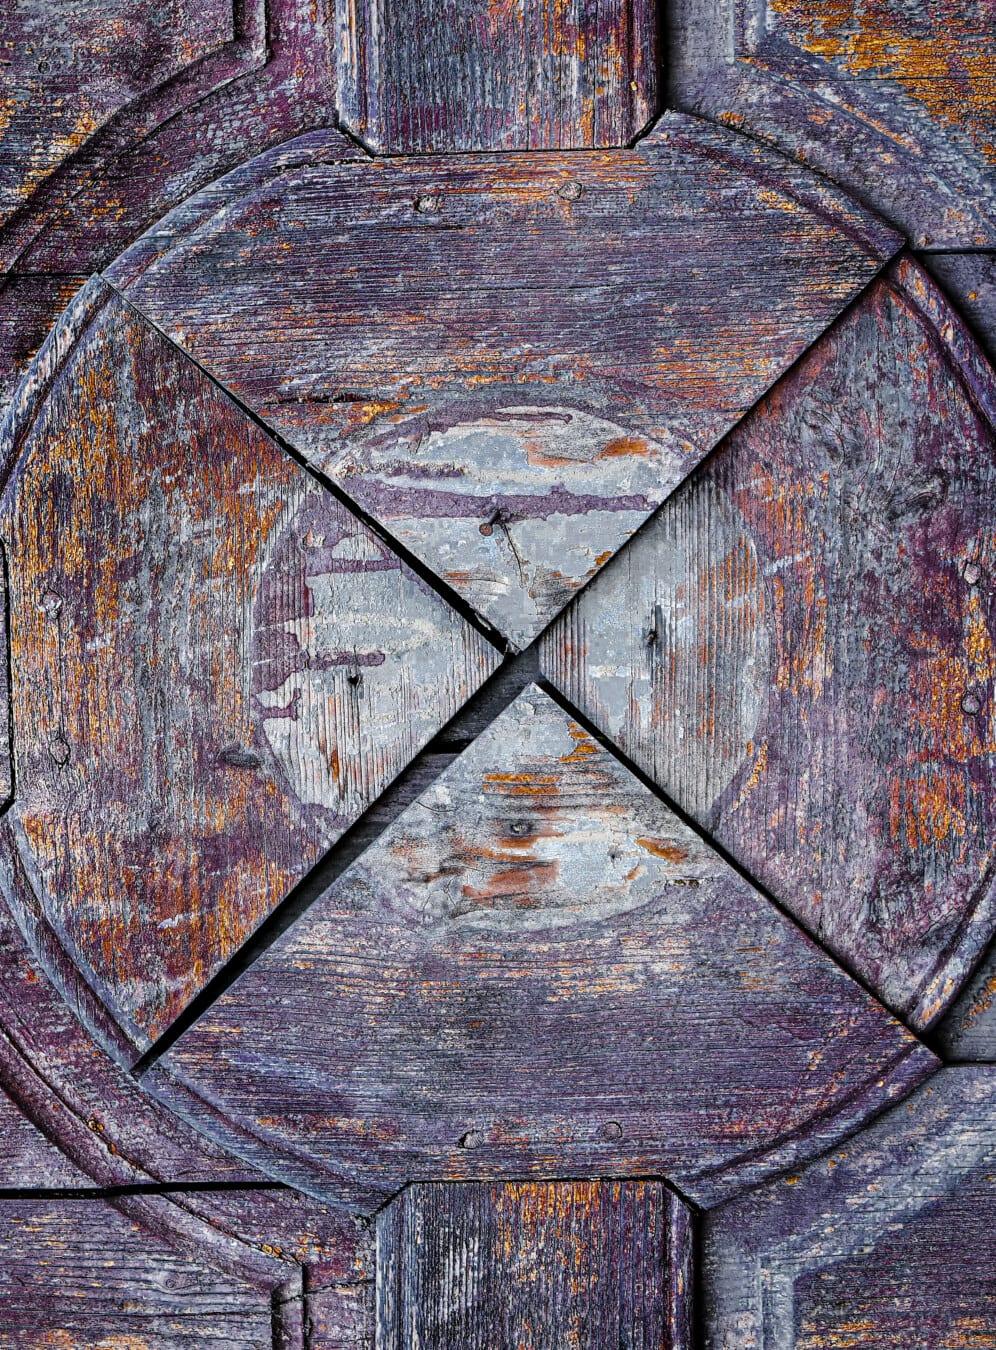 bois, texture, peinture, vintage, Groupe d'experts, carie, géométrique, forme, vieux, unité